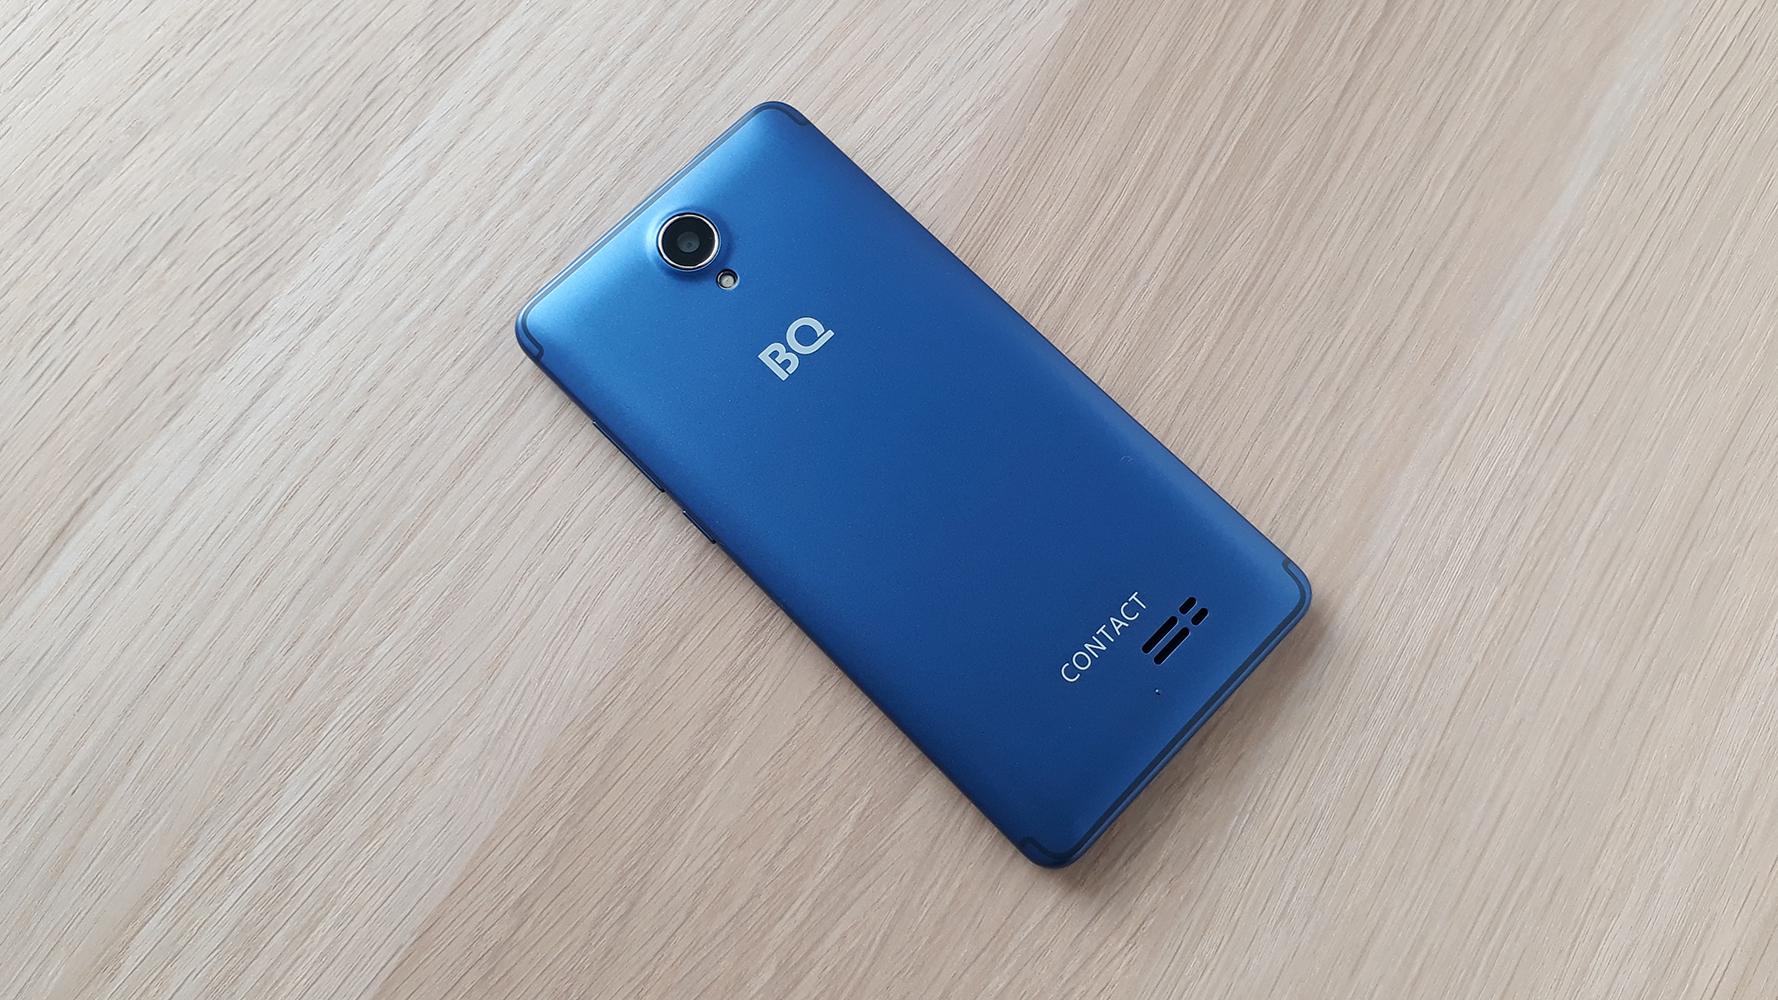 3d959303f8f29 К числу достоинств смартфона также можно отнести IPS-экран, который удивил  яркостью и чёткостью. Заметным недостатком же является невысокая ...